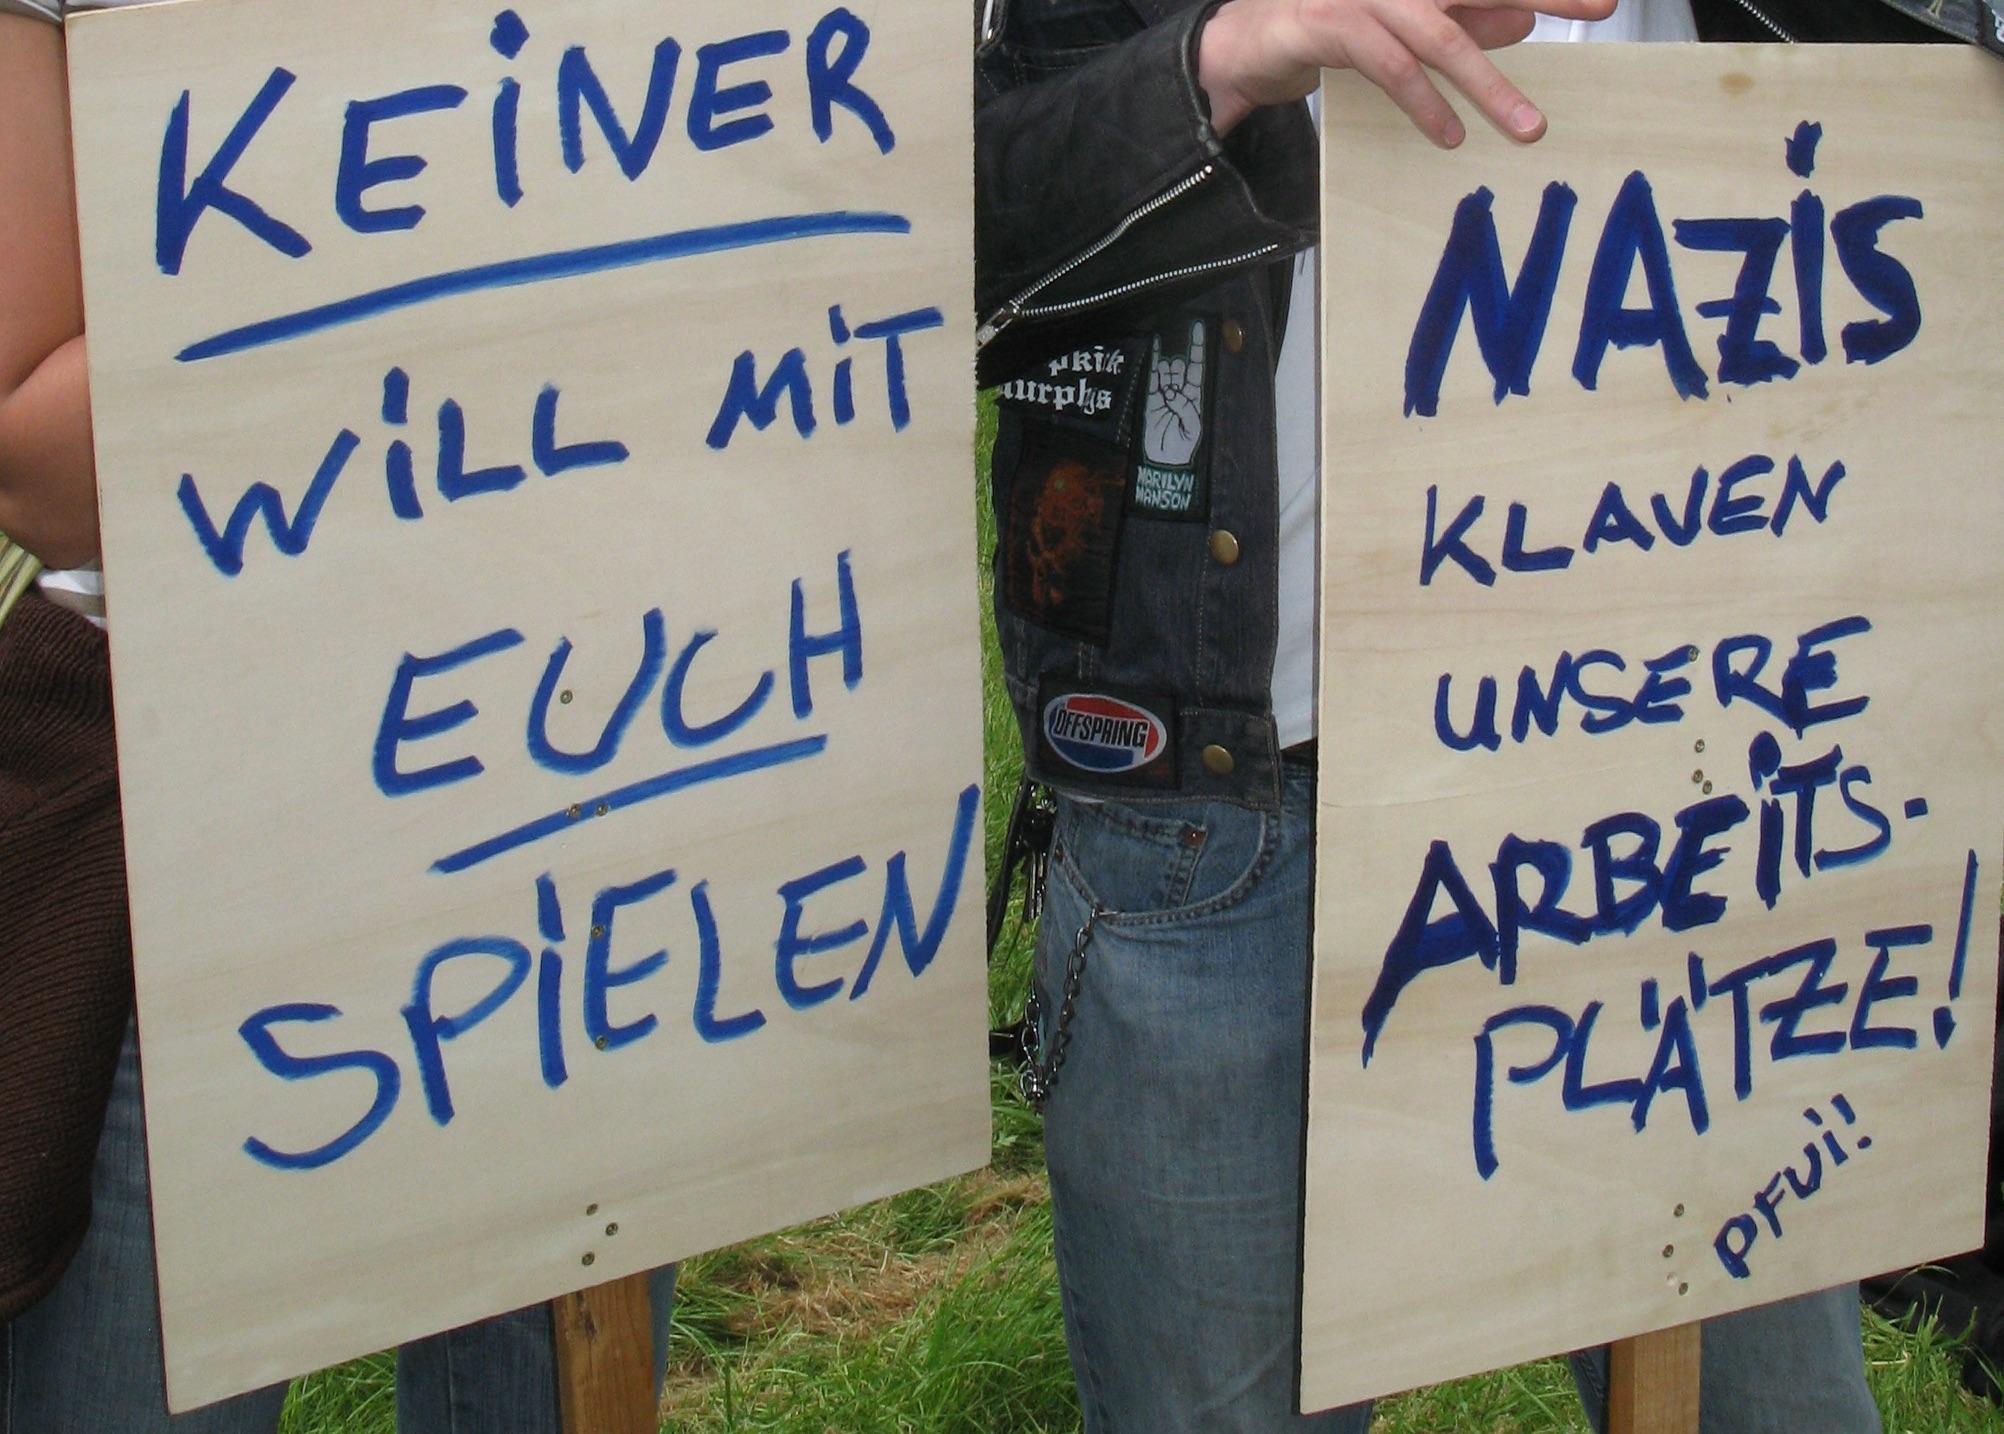 #nodügida – kein Platz für Intoleranz in Düsseldorf!